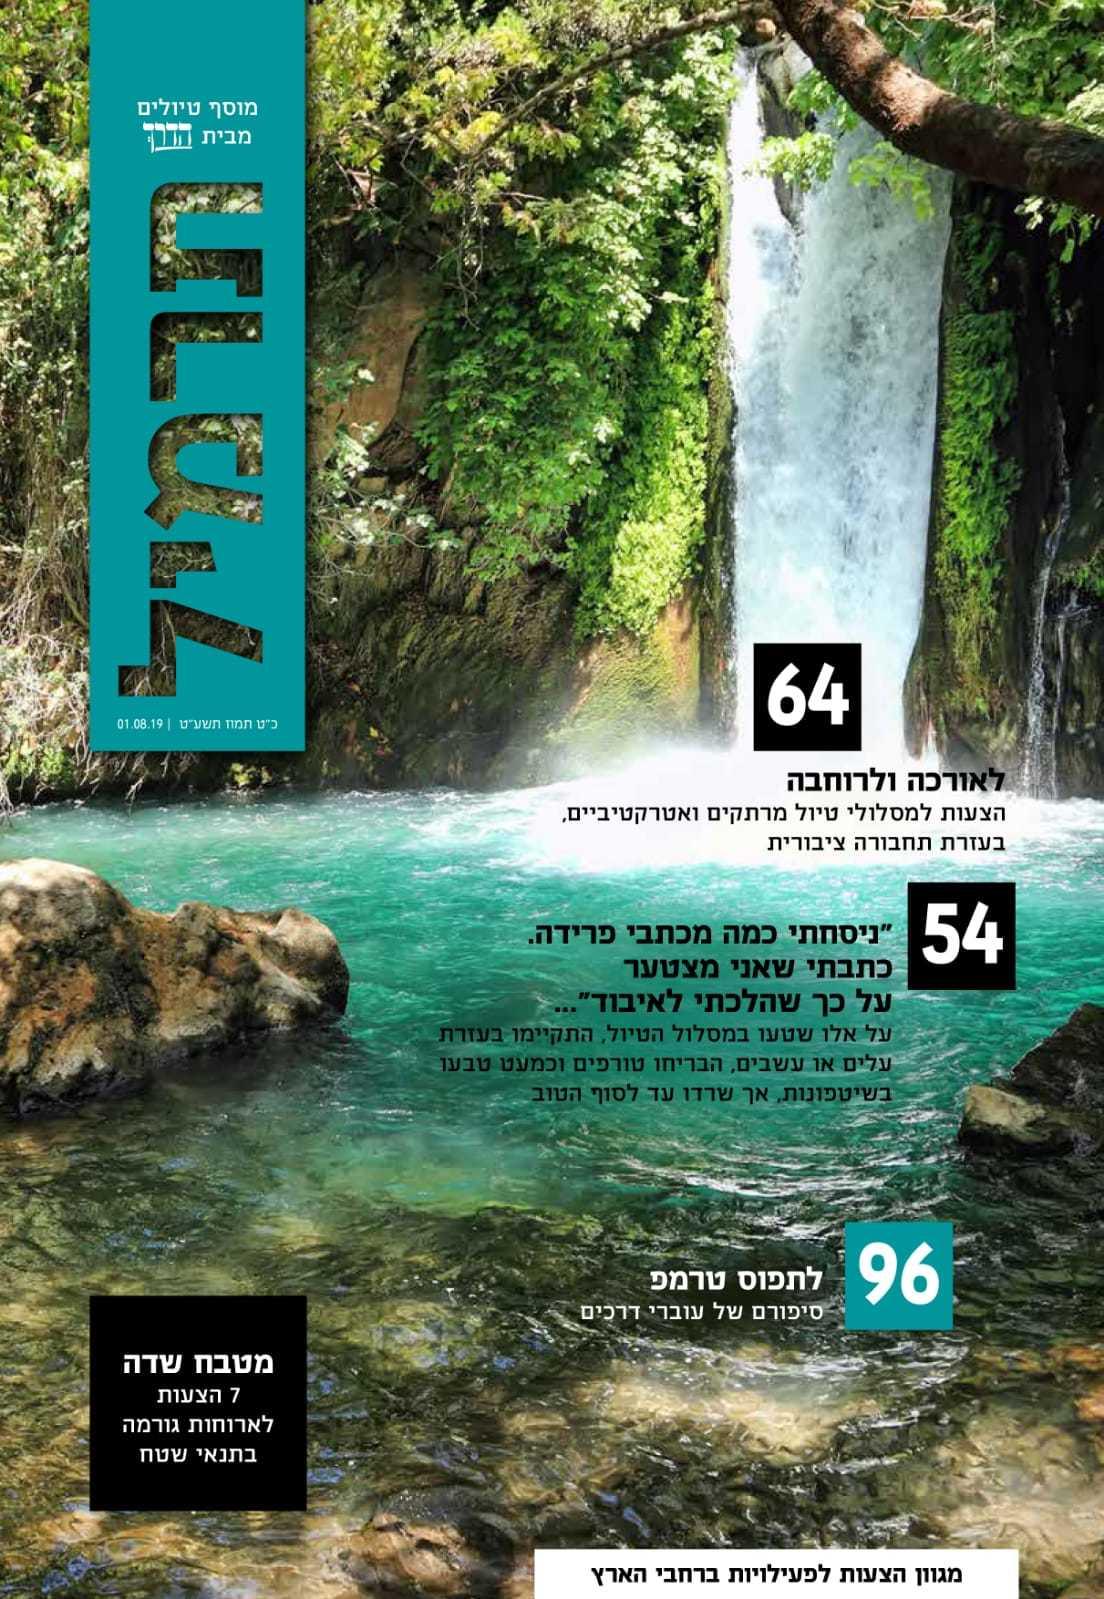 מאה שערים ושדרוגים: עיתון 'הדרך' ציין השבוע את פרסום גיליון ה-100 1